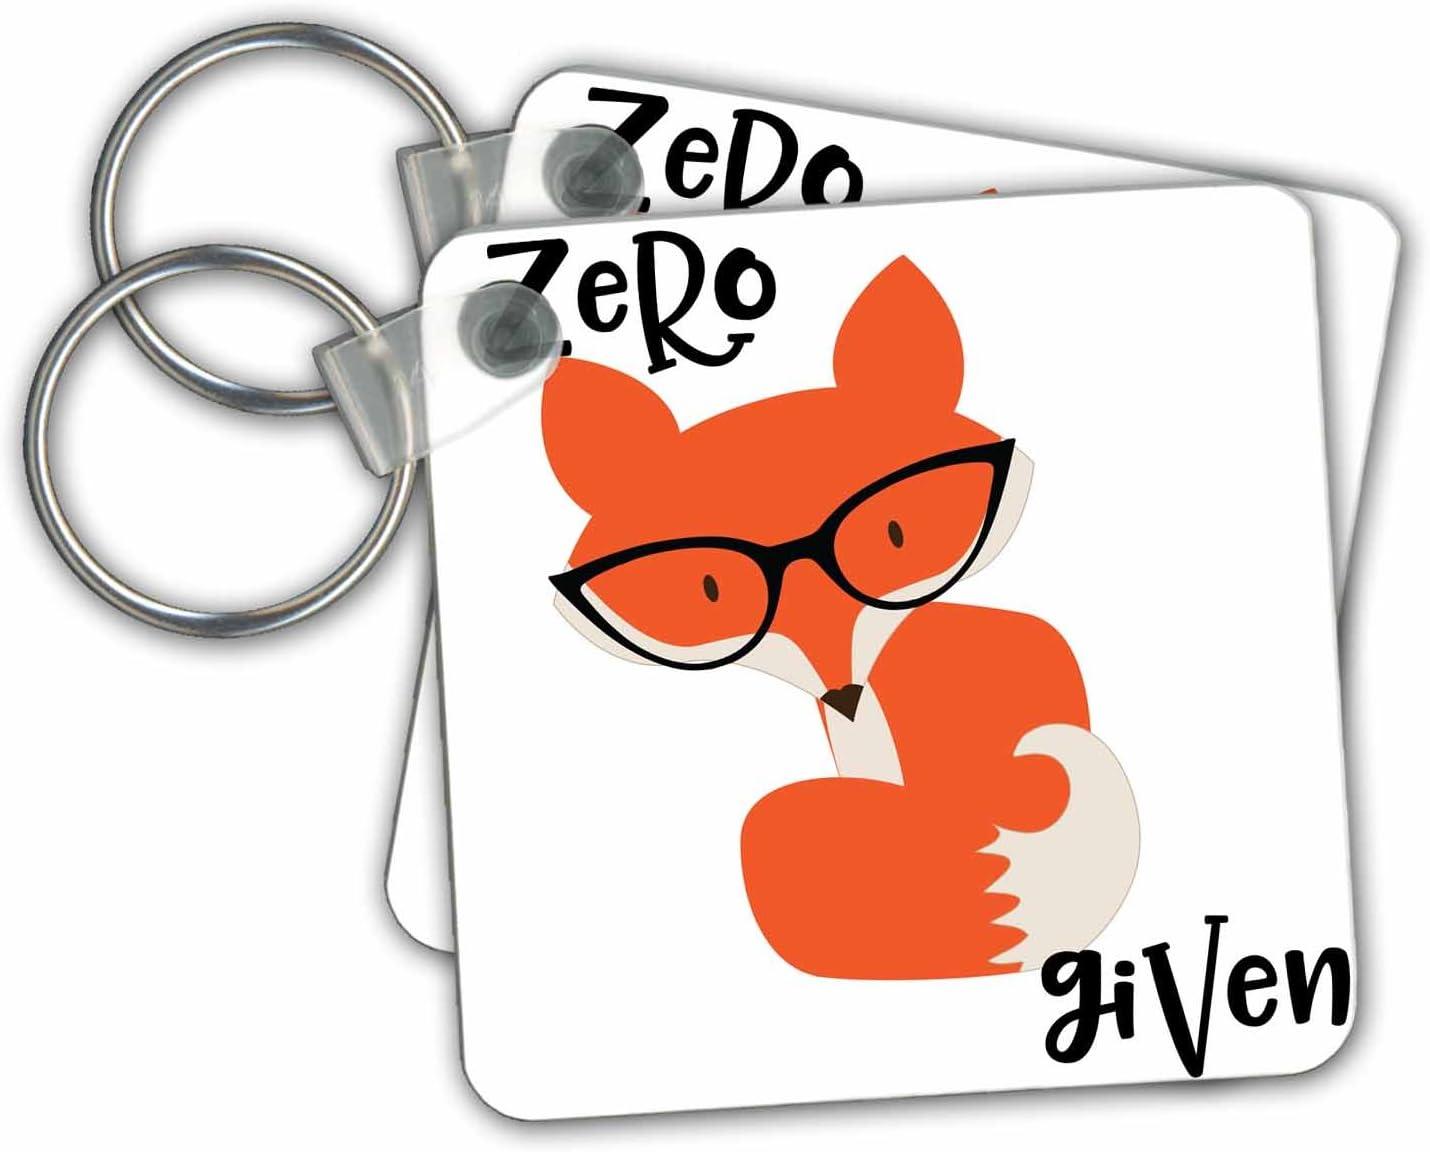 2.25 x 2.25 Set of 2 kc/_270955/_1 3dRose Key Chains Zero Fox Given